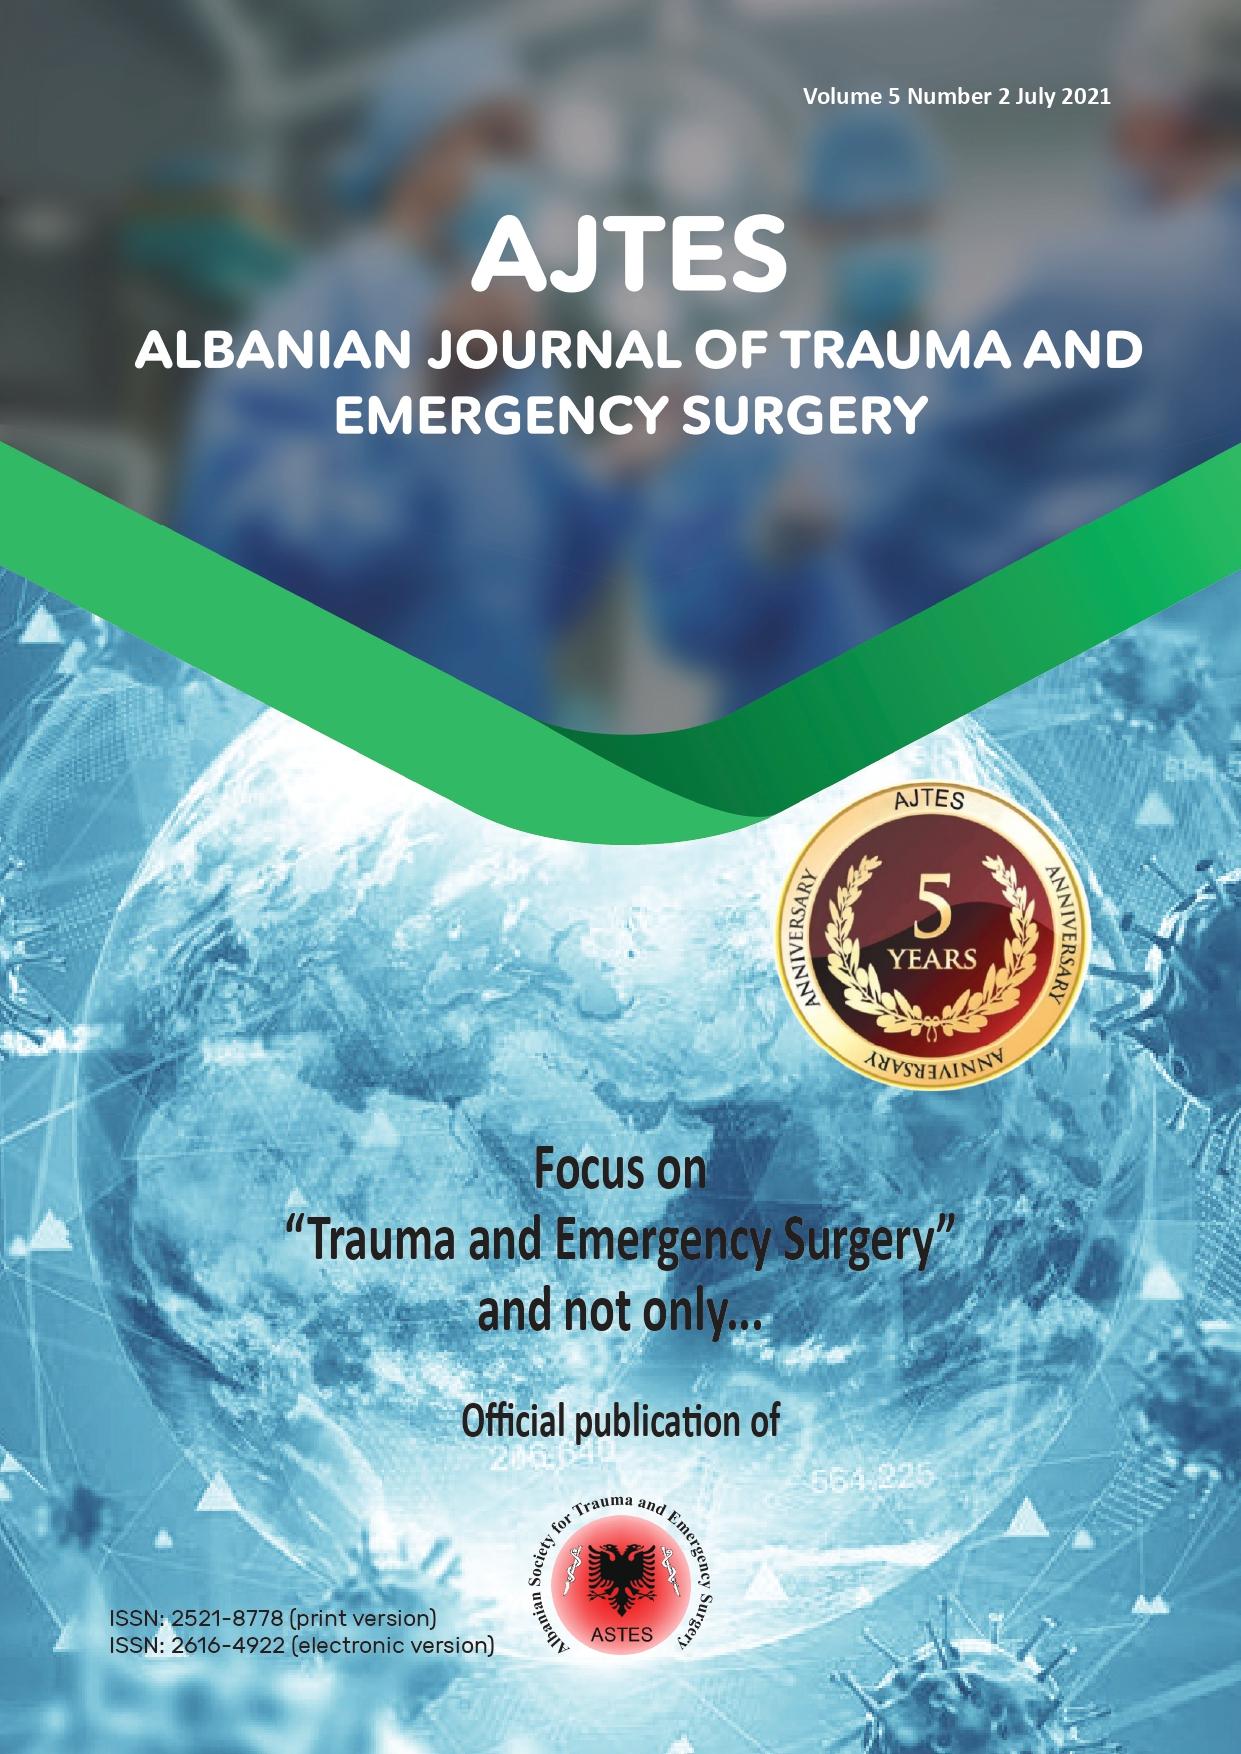 AJTES Vol. 5, No 2, July 2021.